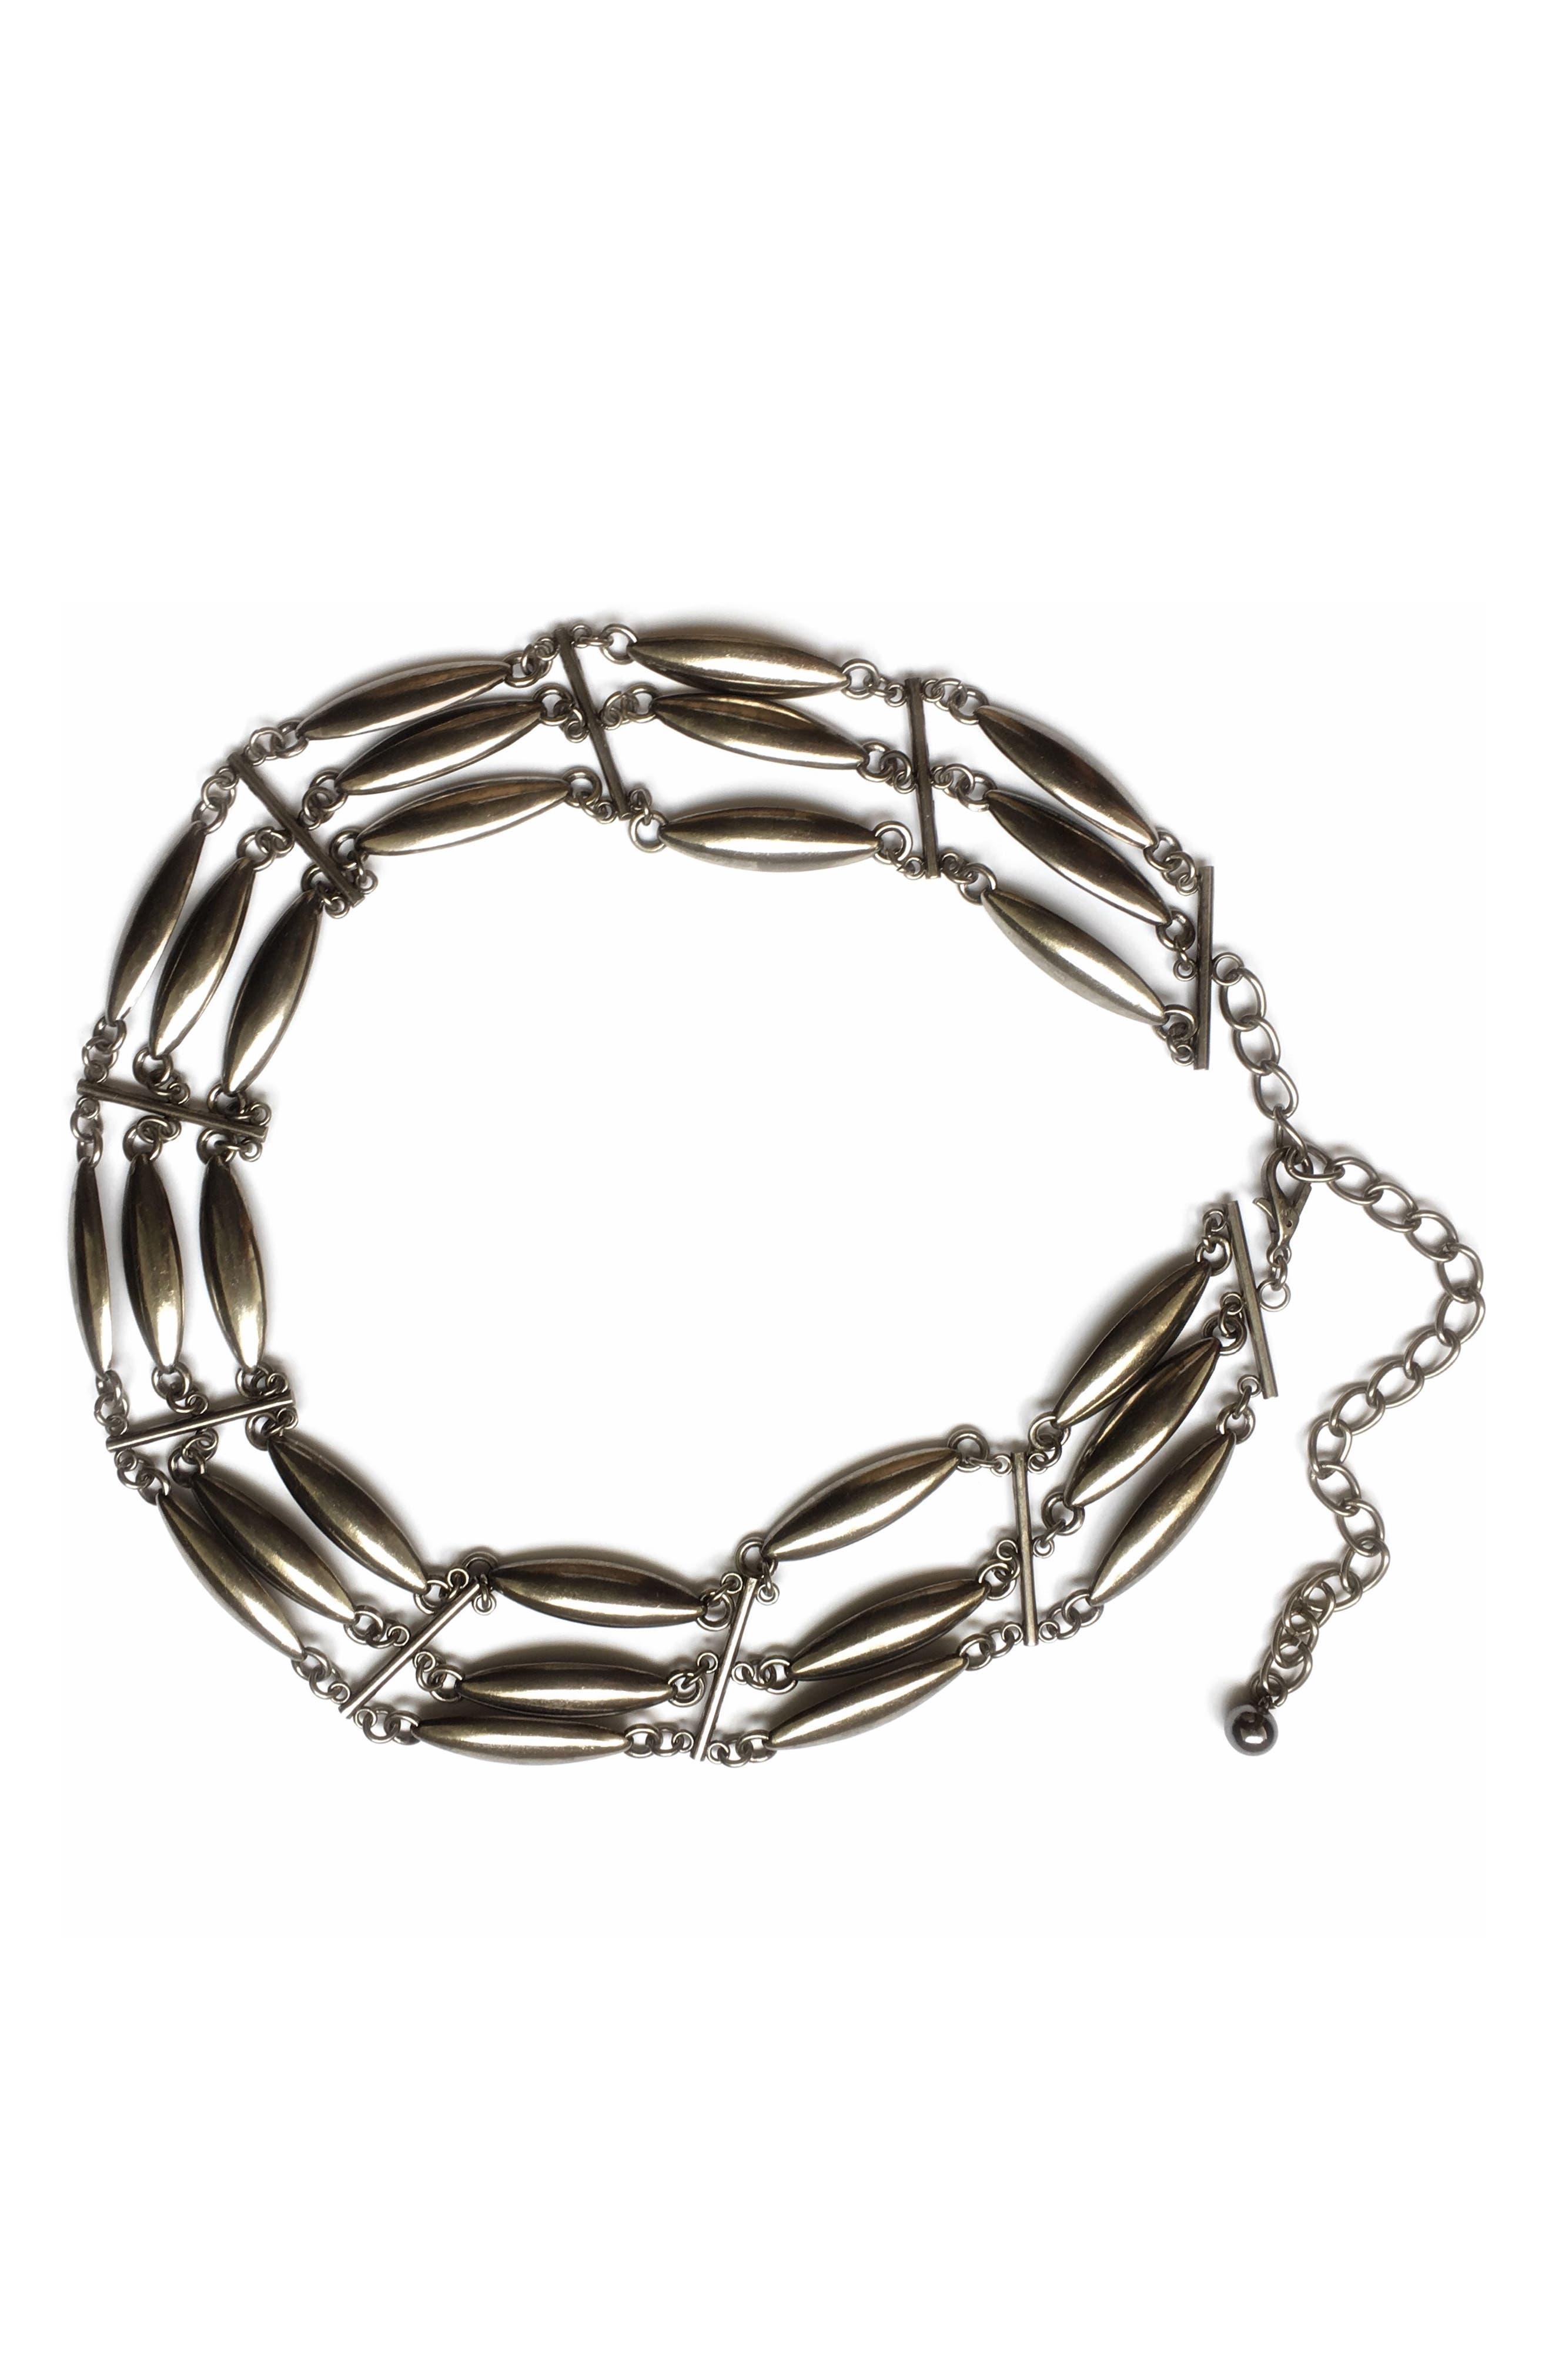 Lovestrength Amor Multi Chain Belt